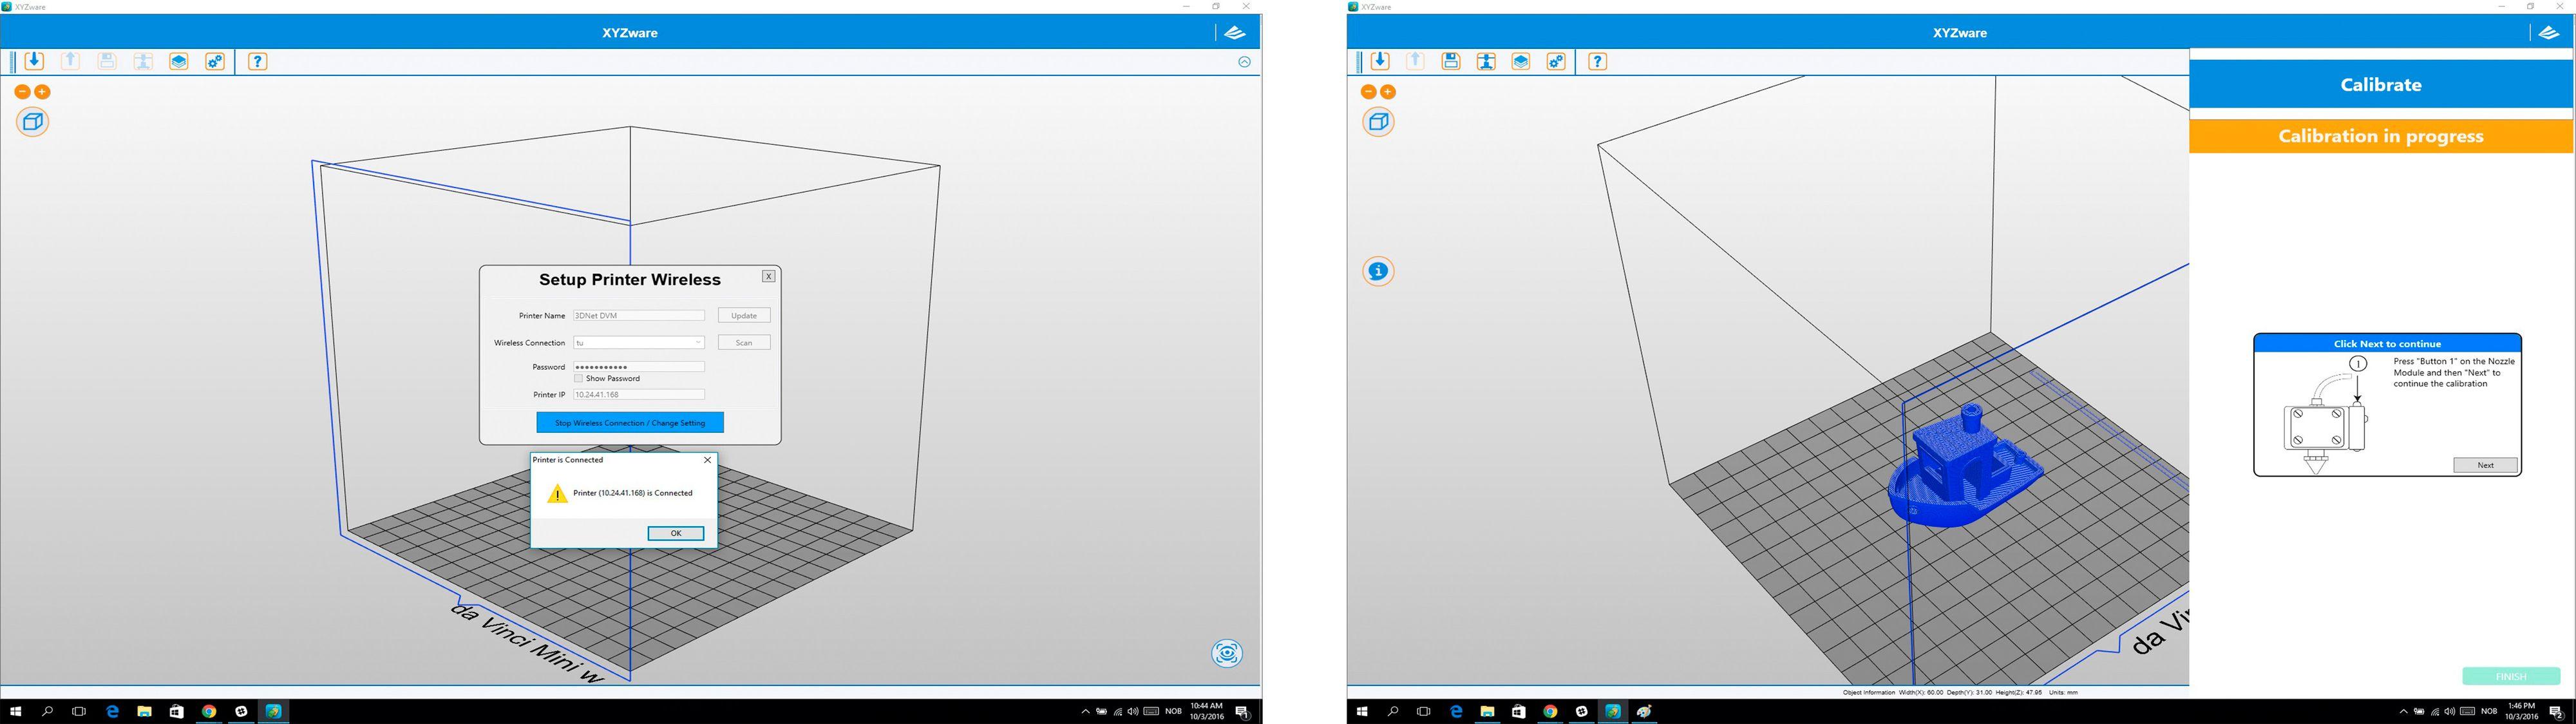 XYZware-programmet: Kalibrering av skriveplate og wifi-tilkobling er godt forklart og du veiledes gjennom skrittene i programmet.